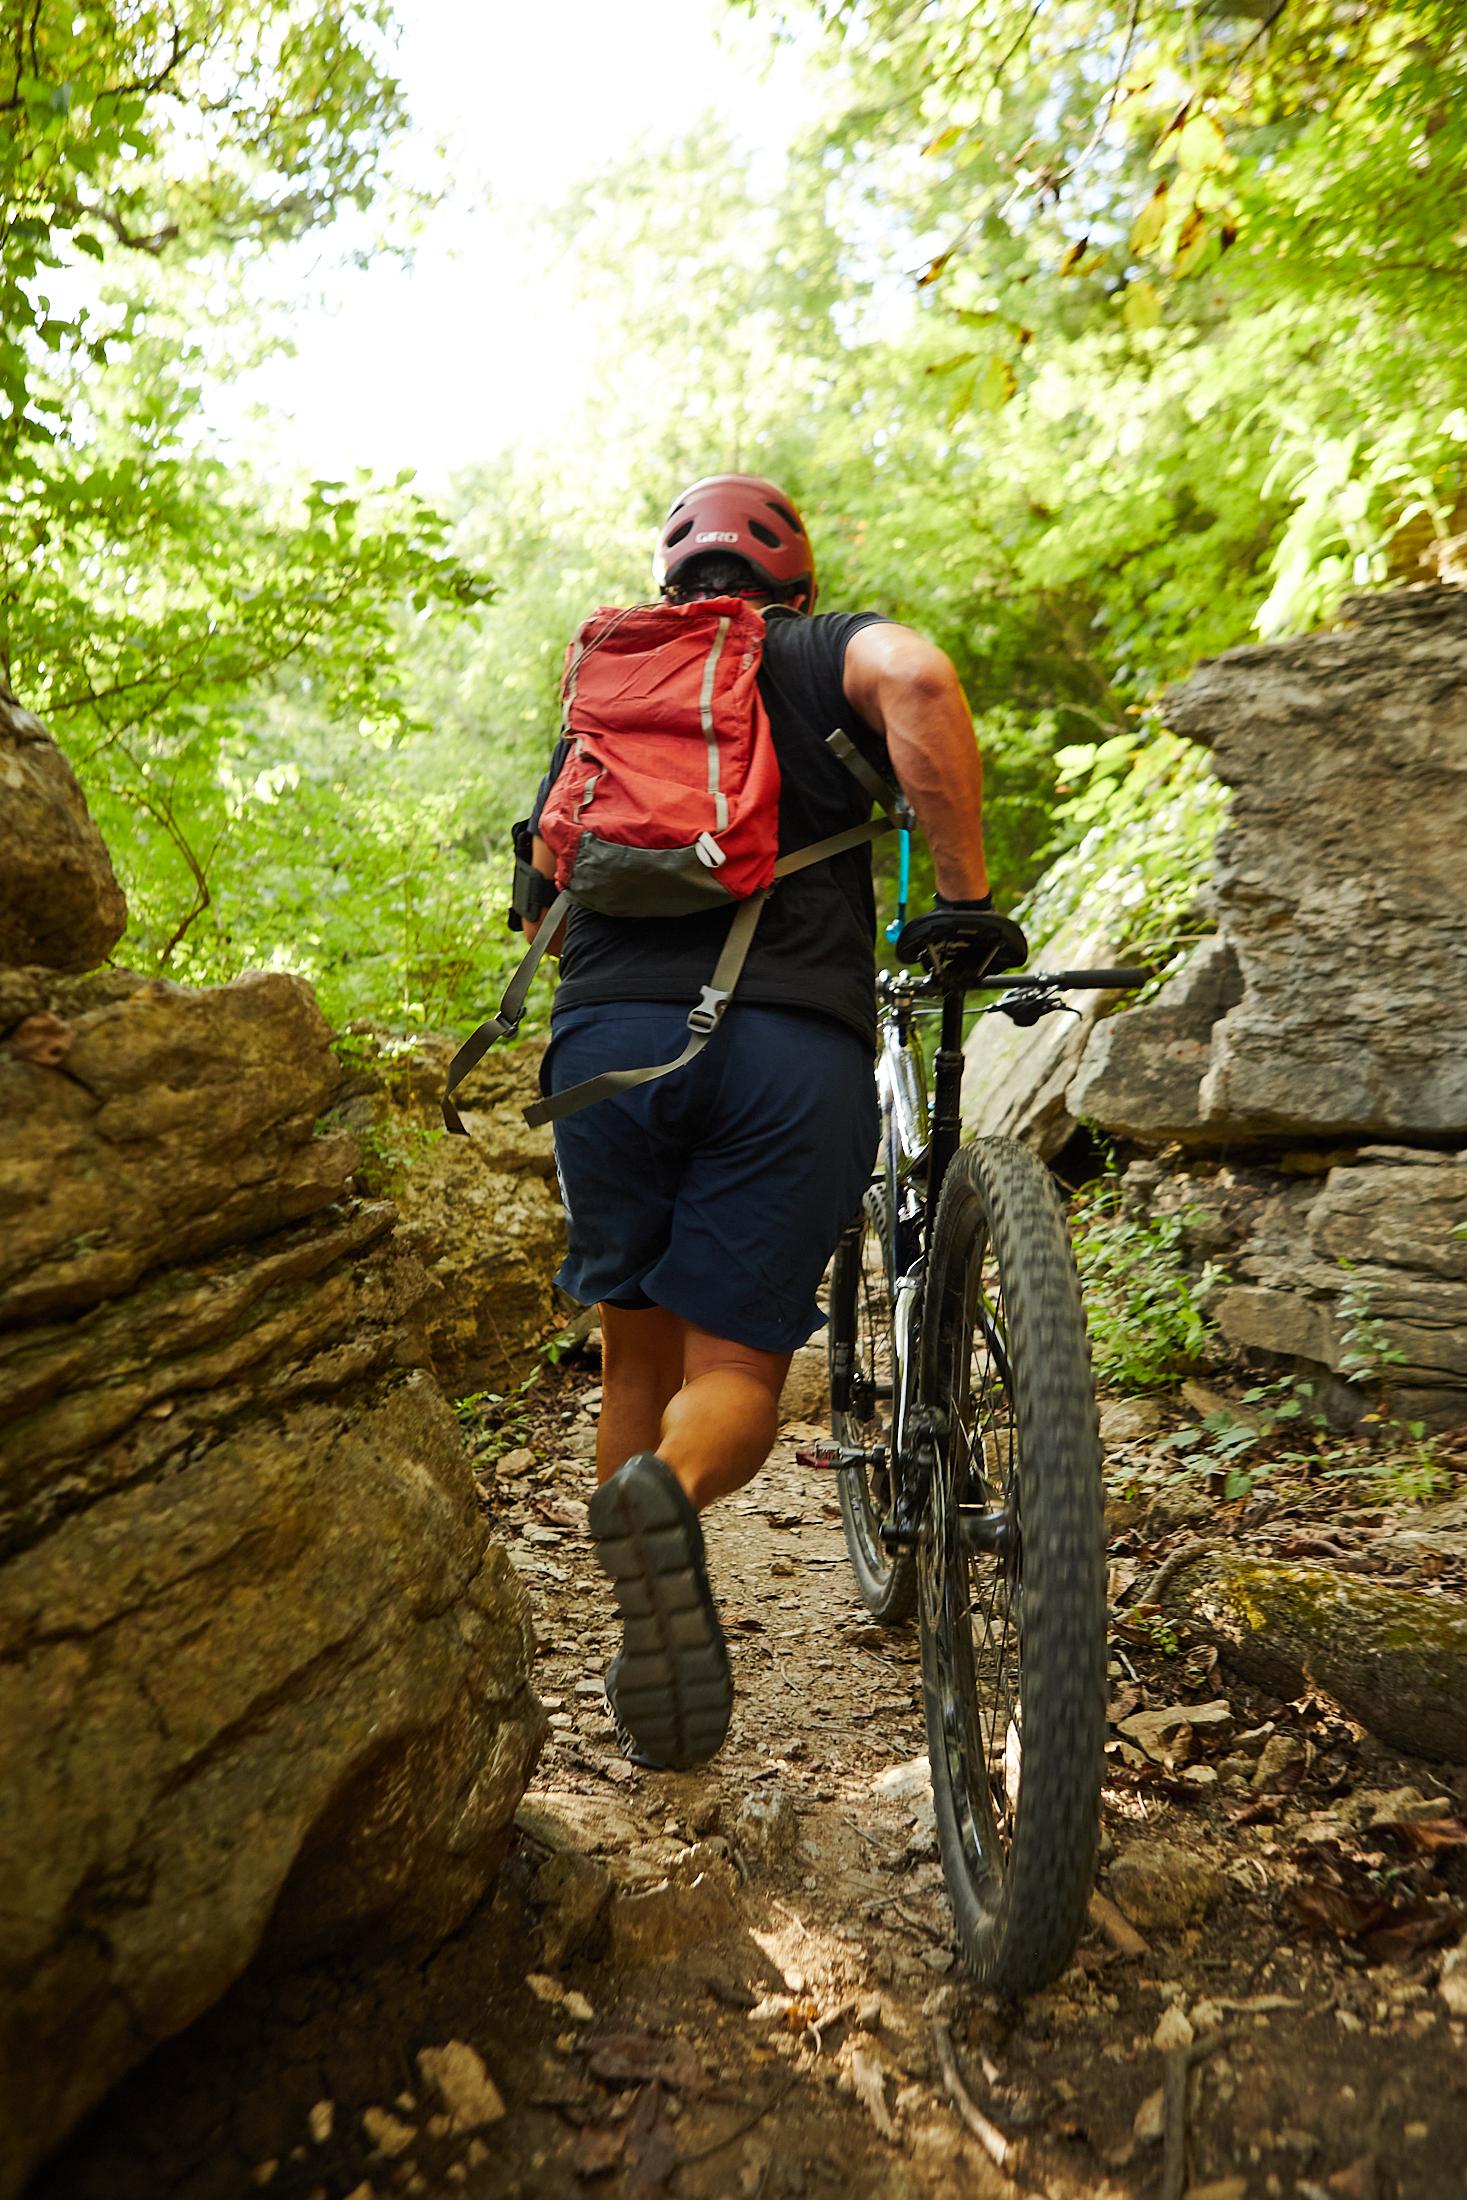 mountainbiking2510Hires